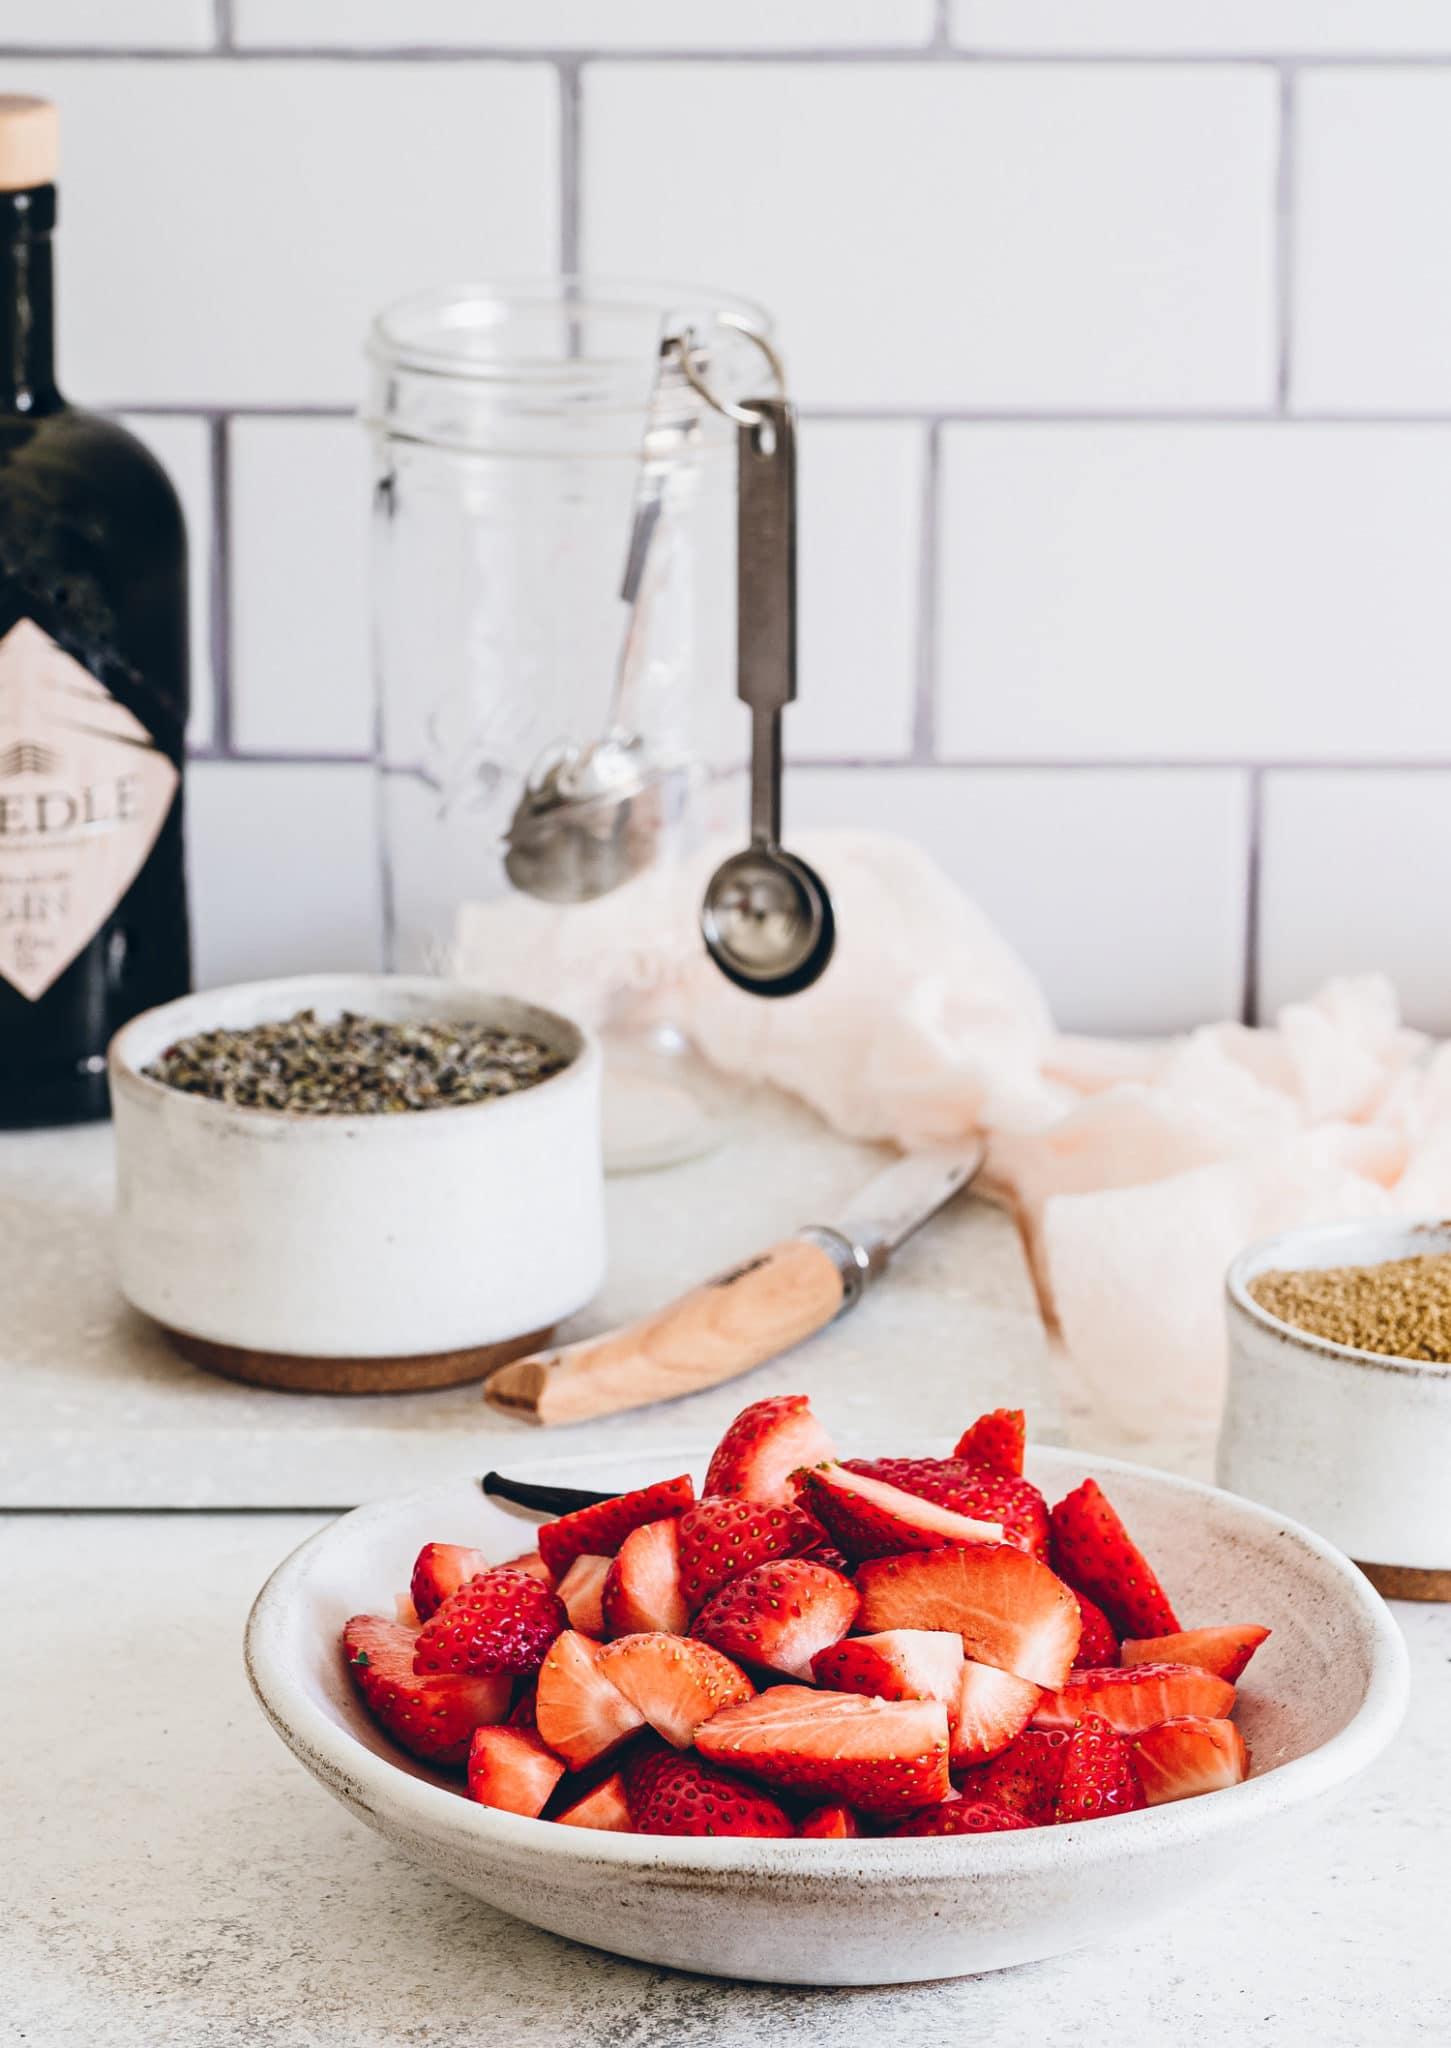 Frische Erdbeeren auf weissem Teller in Küche